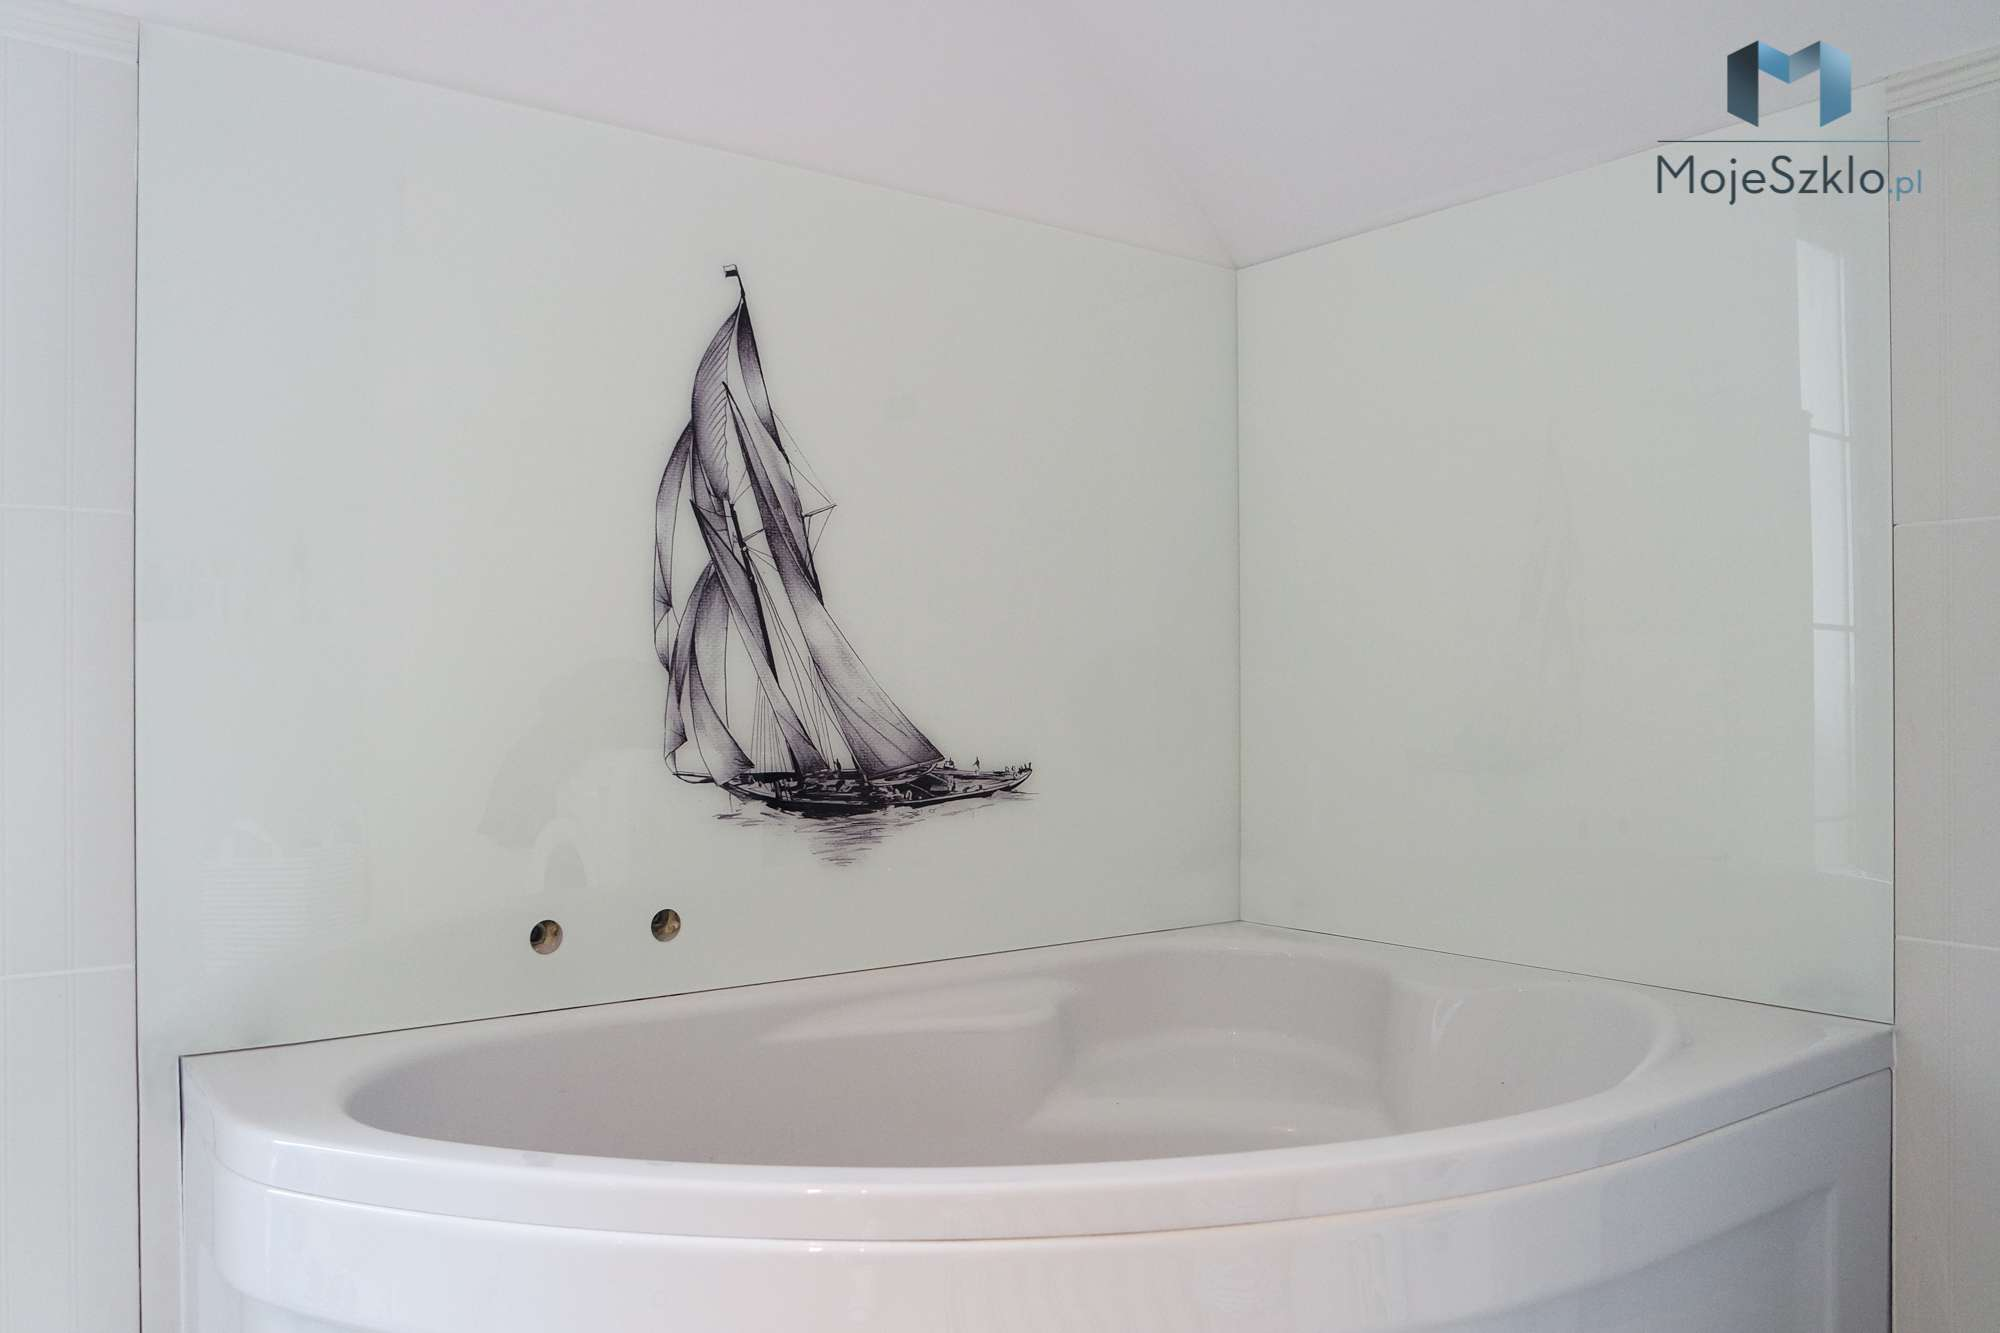 Panel Szklany Zaglowka - Złota kabina prysznicowa. Kabina w złotych okuciach